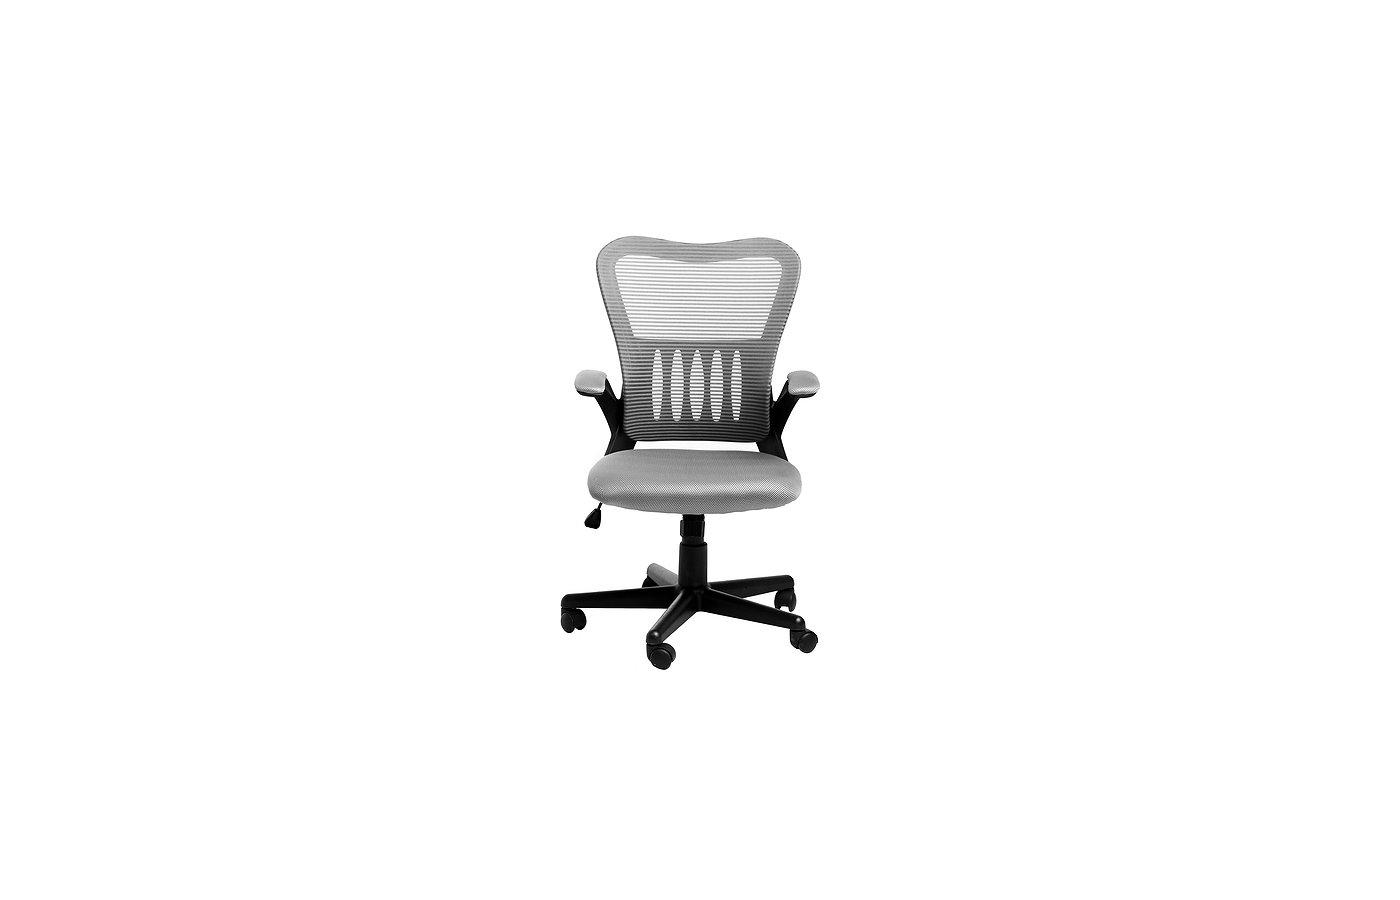 College Кресло офисное HLC-0658F серый ткань, сетчатый акрил, 120 кг, крестовина и подлокотники черн